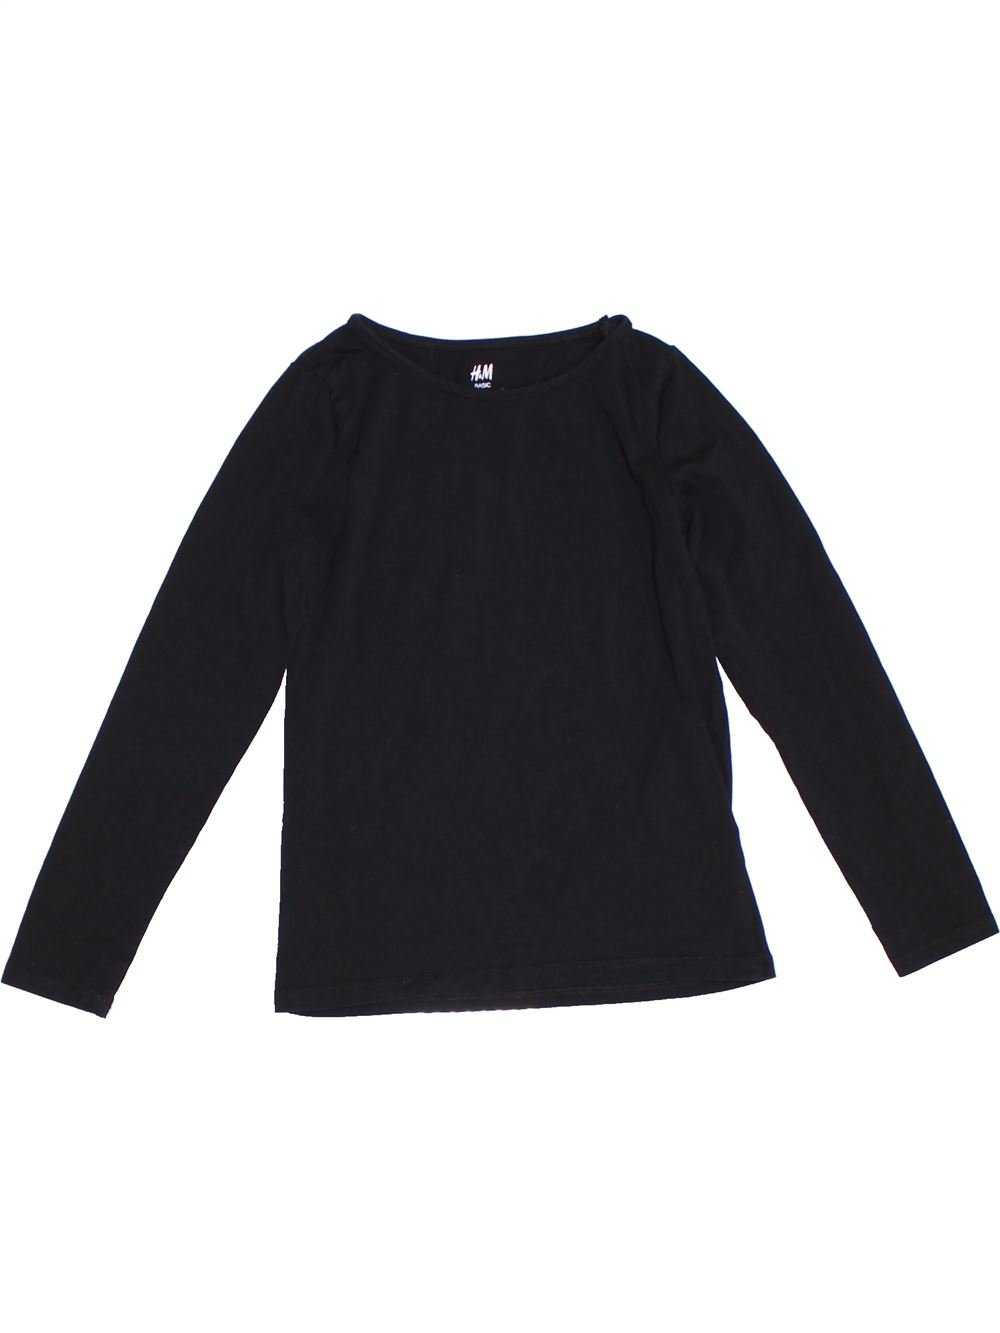 ef2059f80350d T-shirt manches longues noir H M du 8 ans pour Fille - 1280489